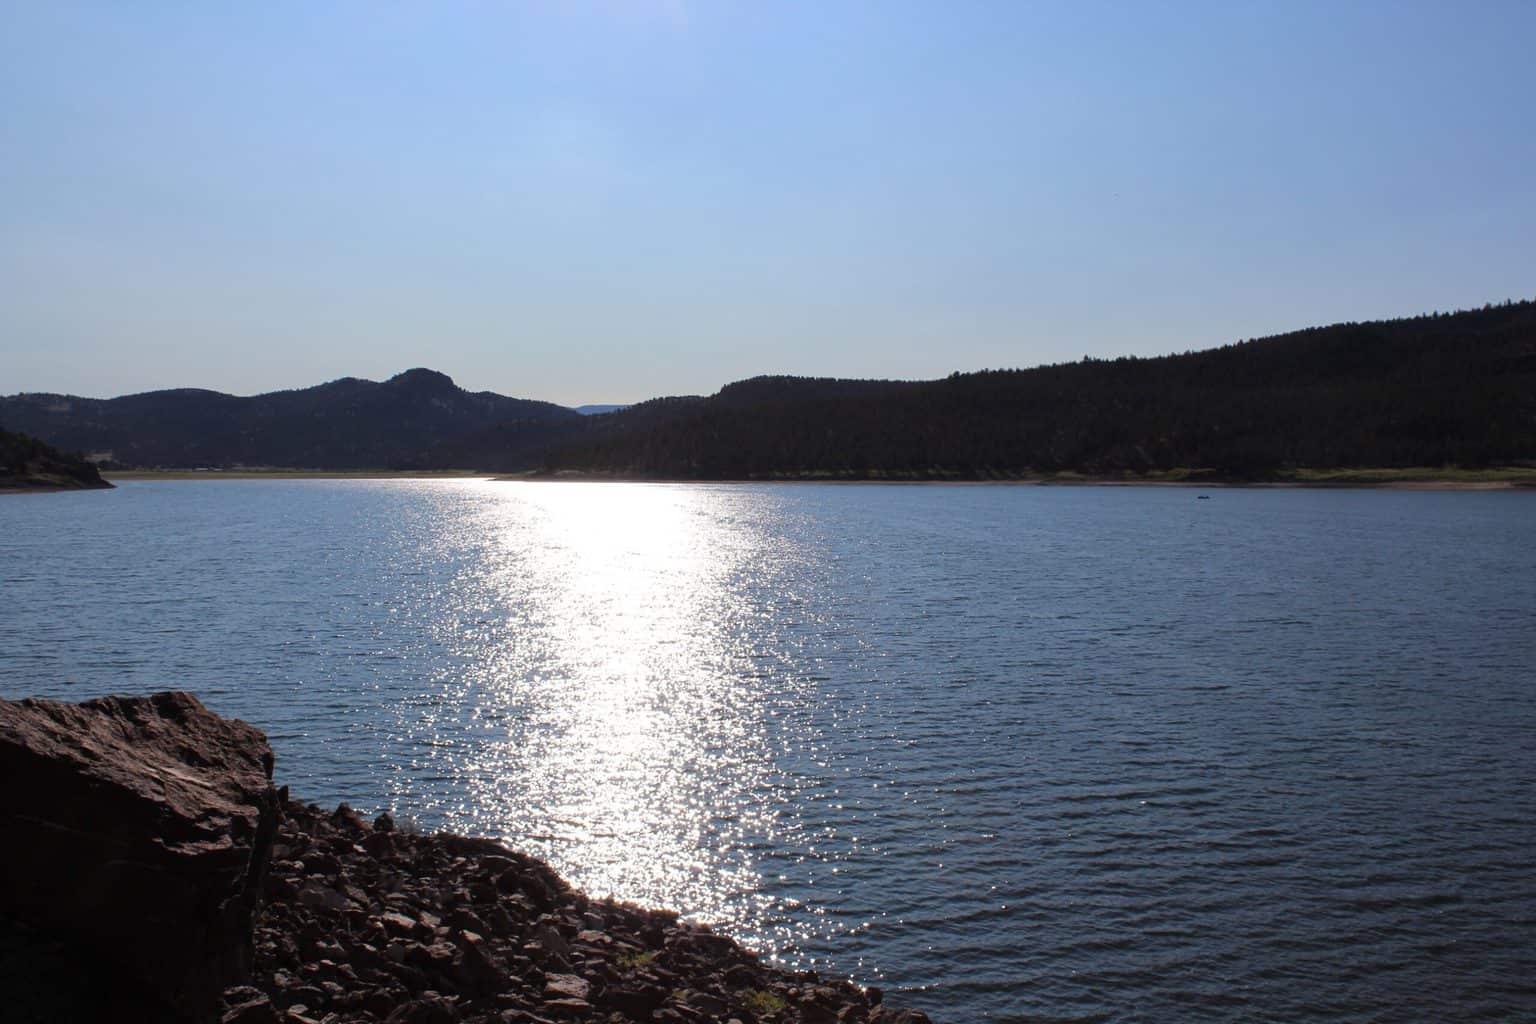 A sunset at ochoco reservoir.